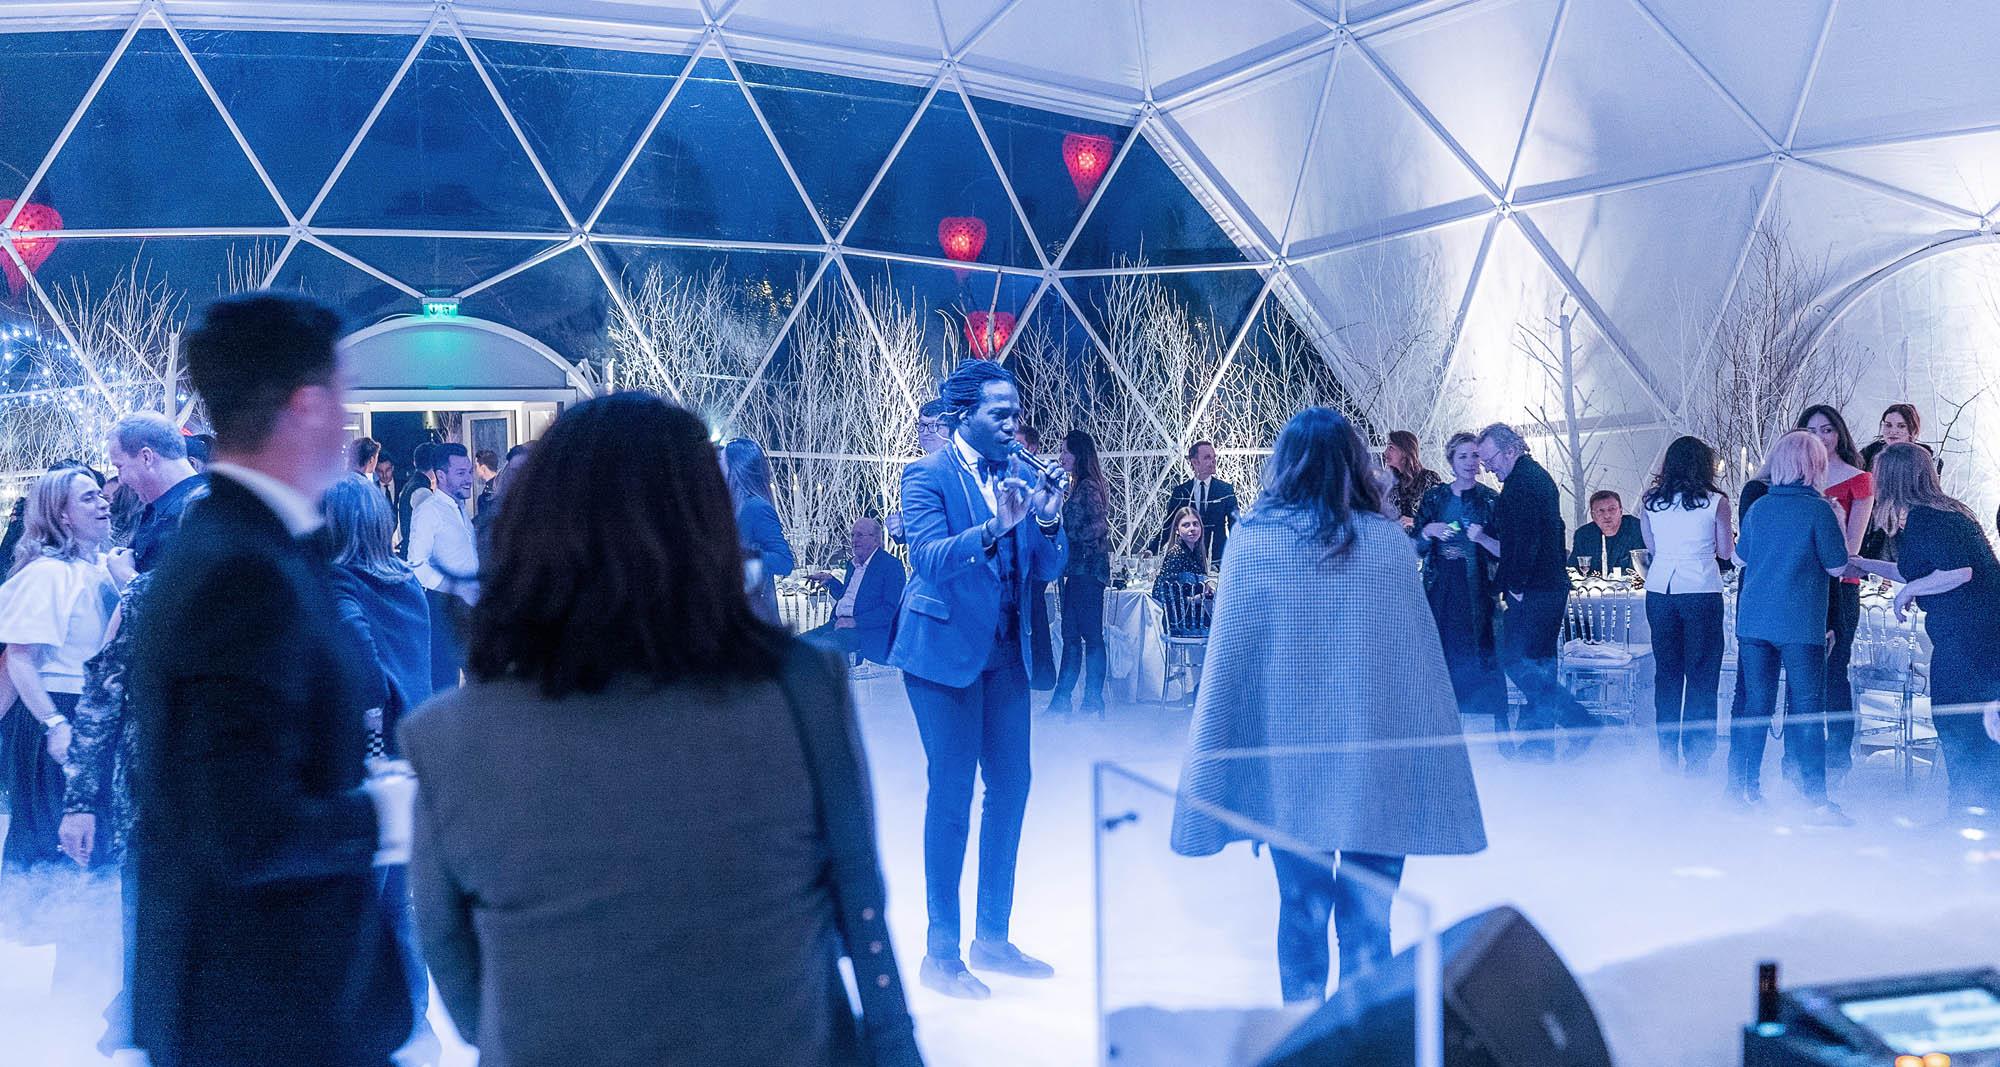 Soirée post défilé Dior dans un dôme géodésique